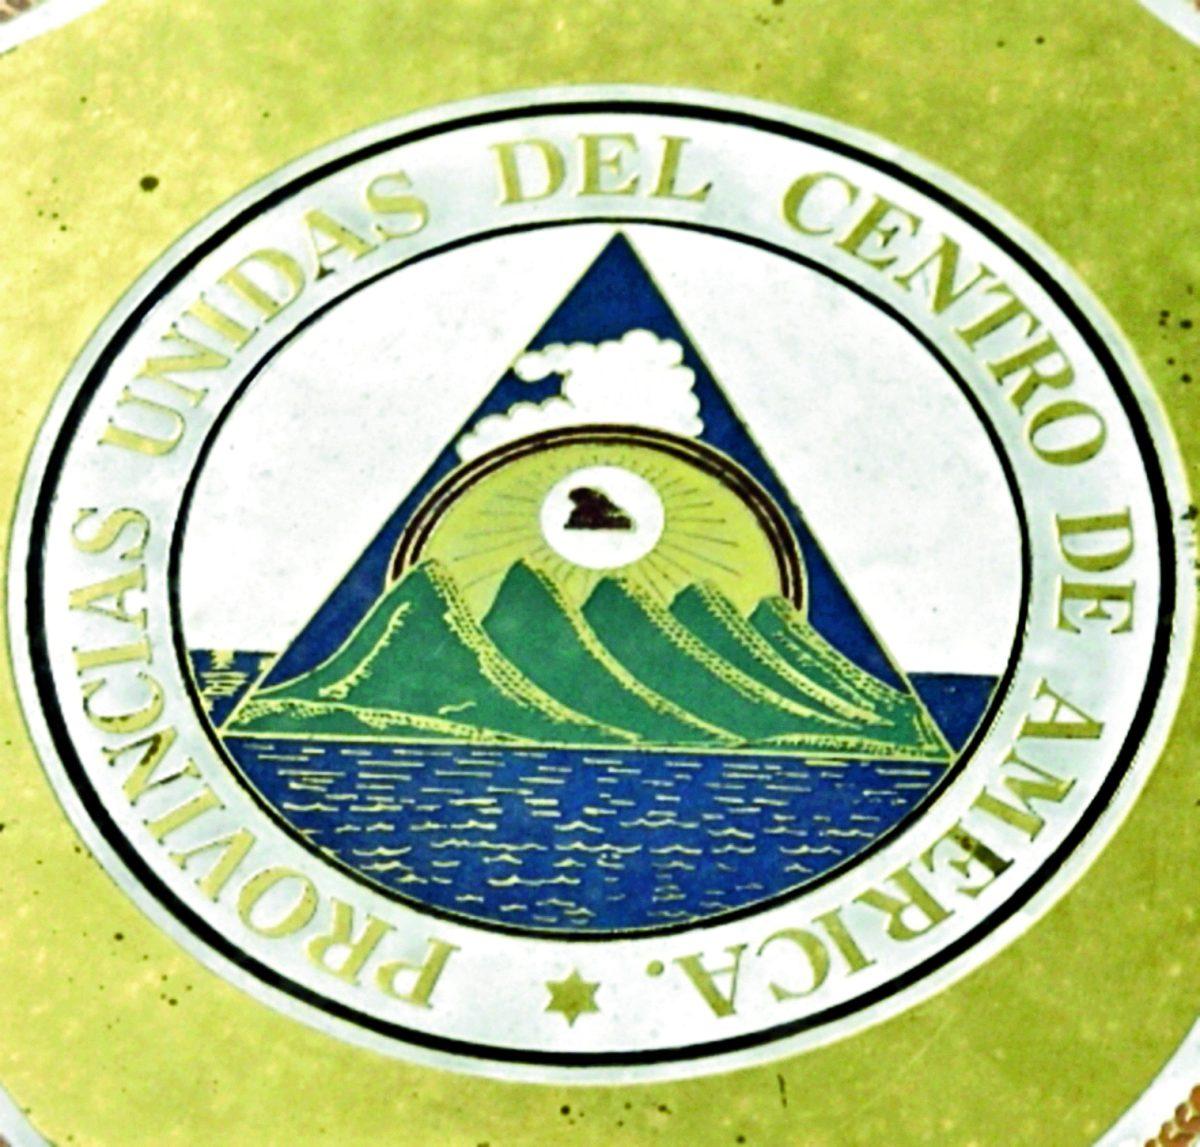 Historia de Guatemala: Surge la Federación Centroamericana, 1 de julio de 1823